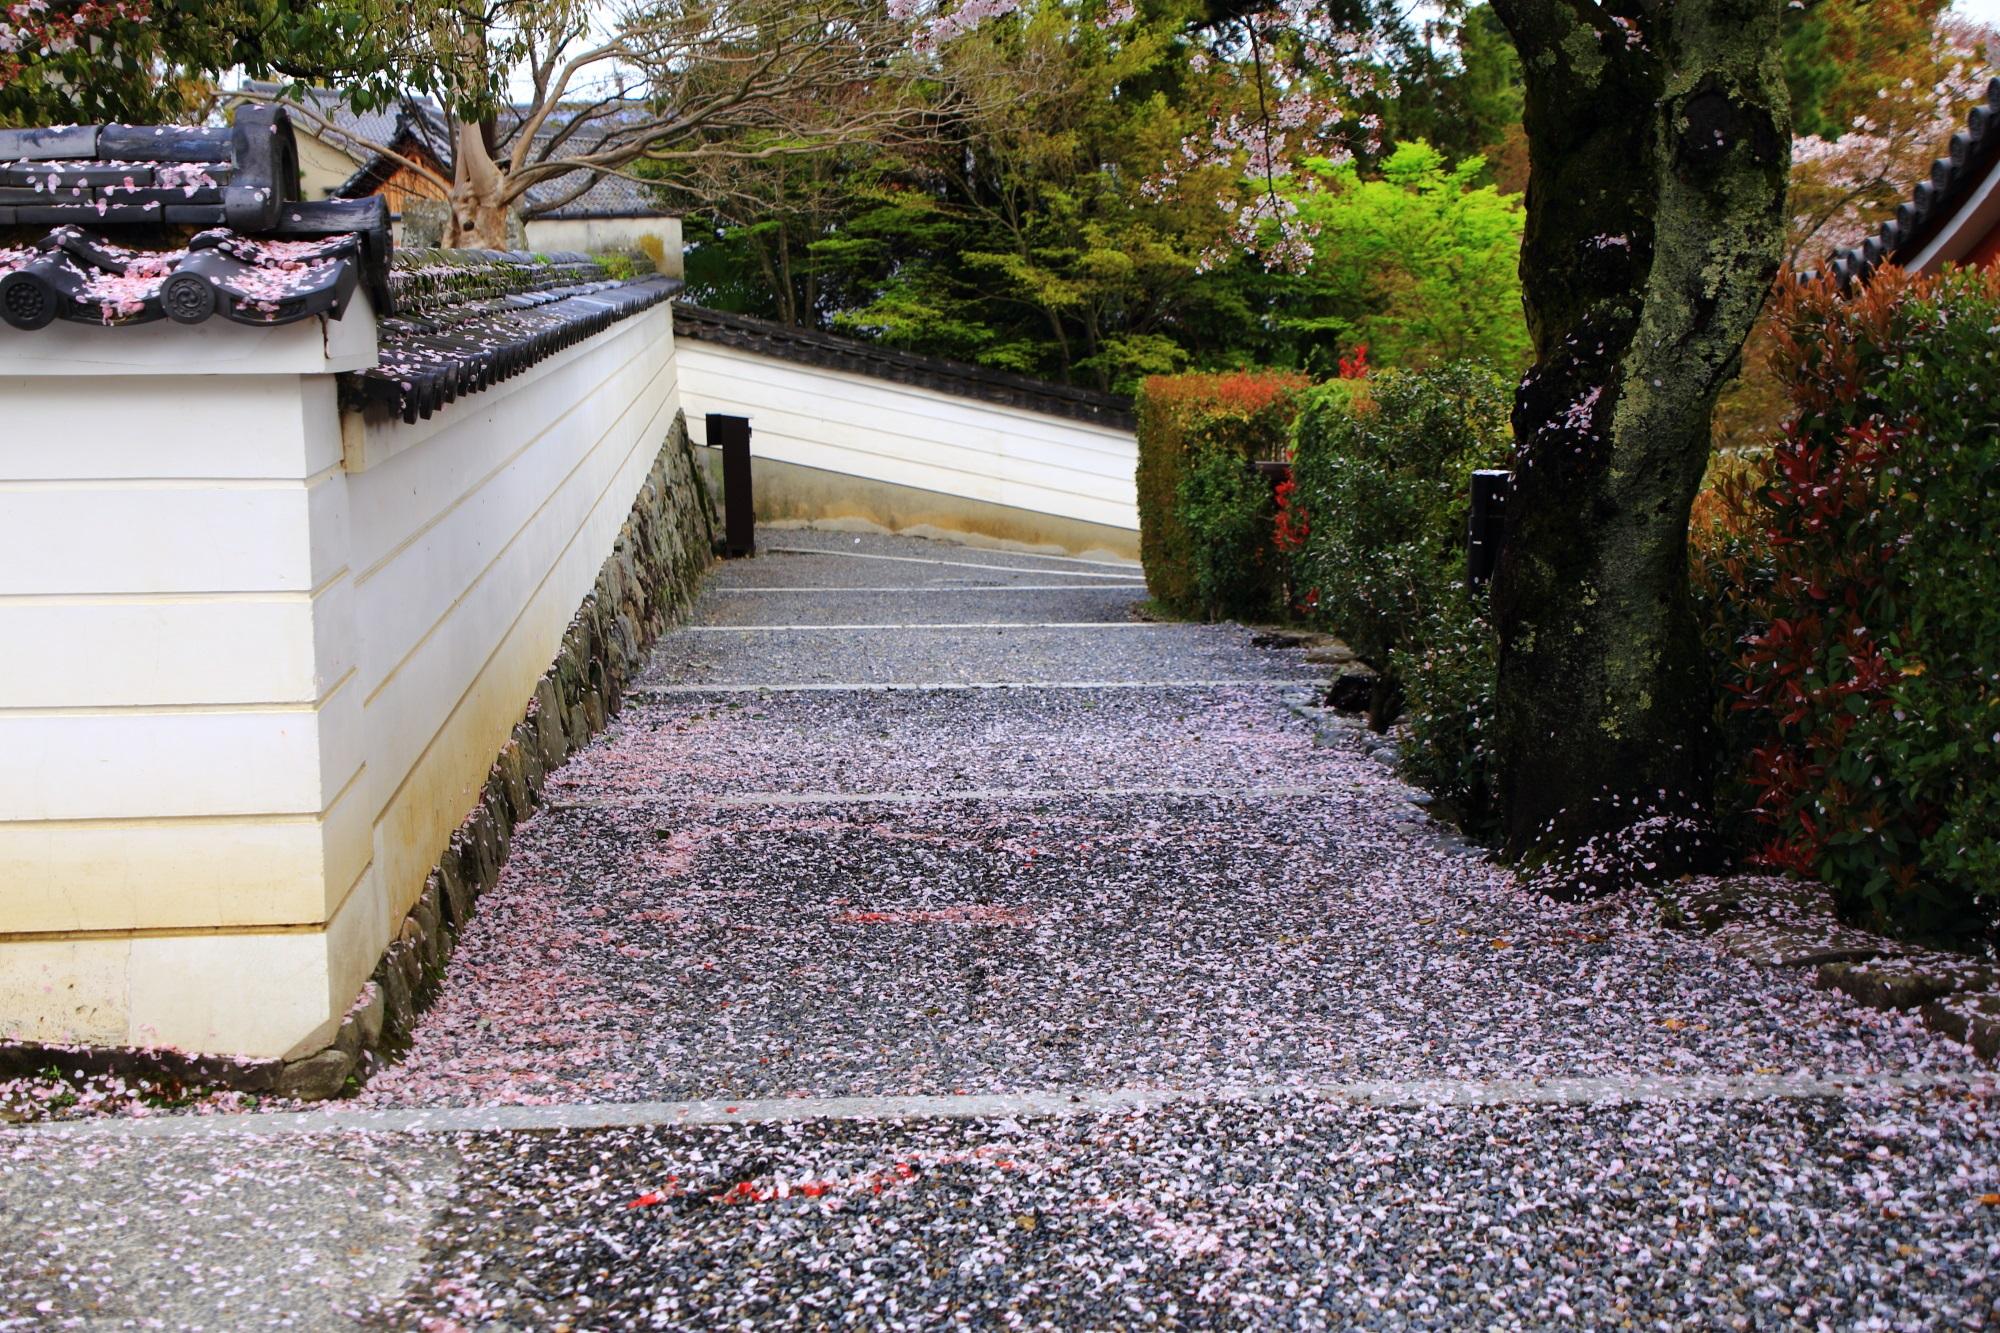 華やかな散り桜につつまれた鳳凰堂の裏